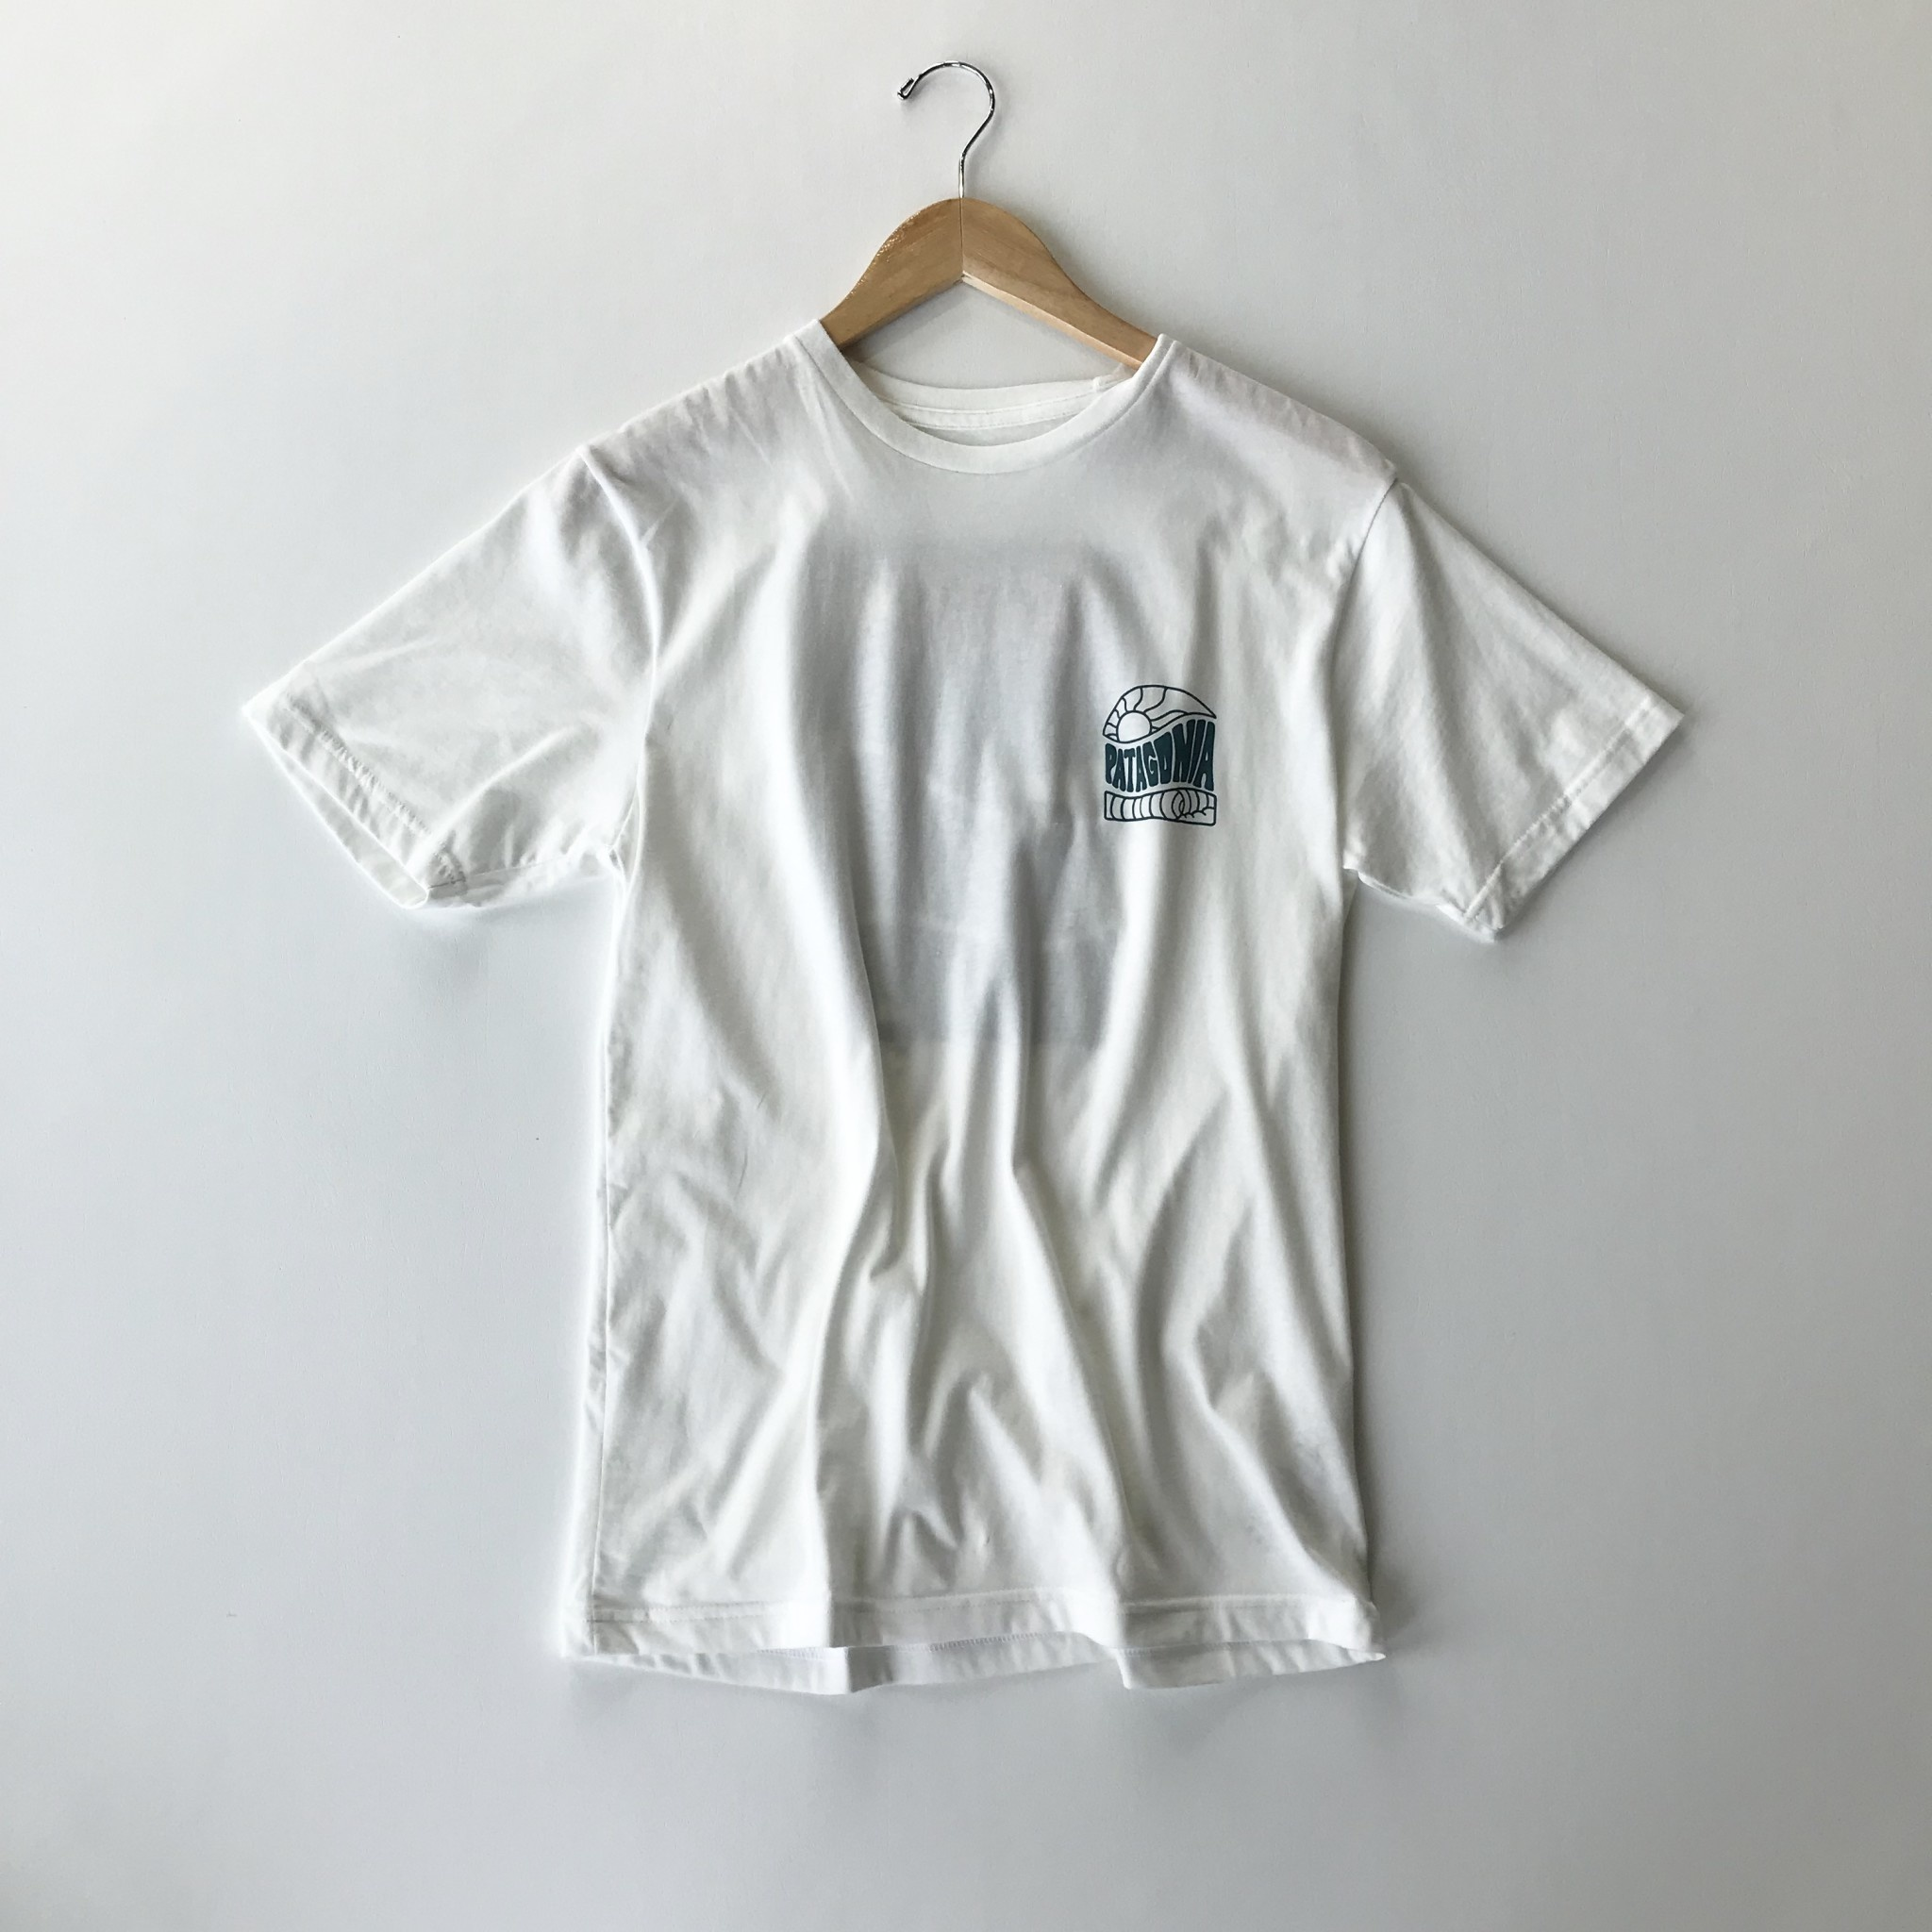 patagonia cosmic peaks organic t-shirt